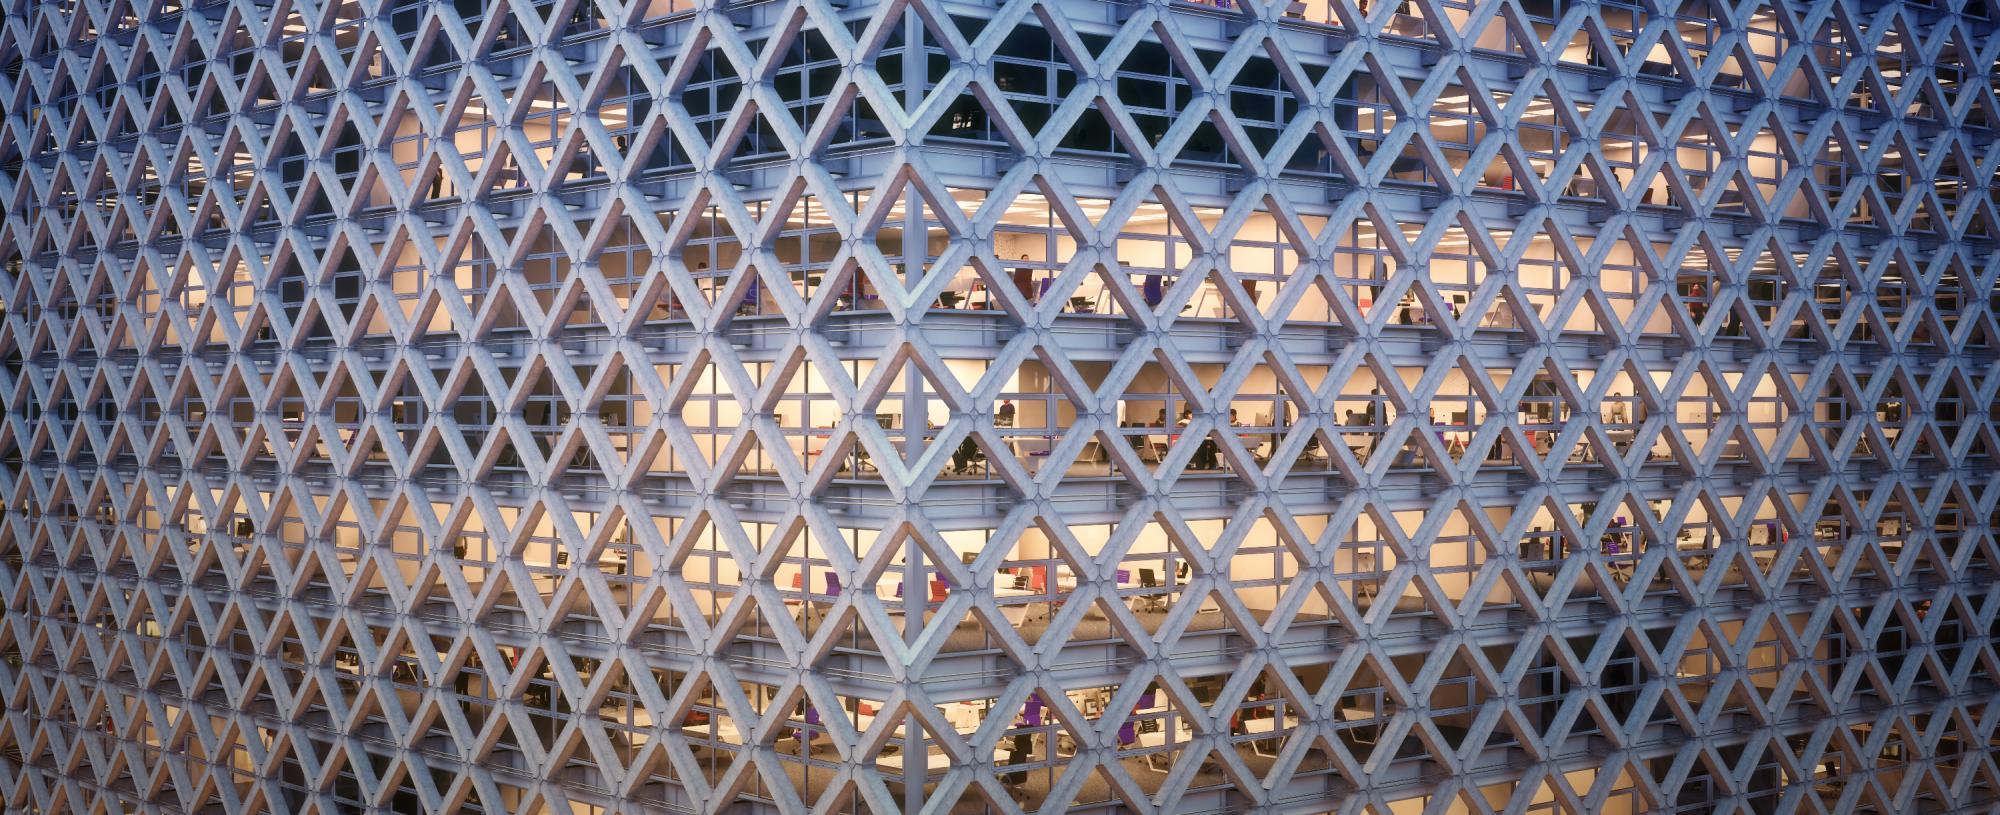 Populate Building Interiors